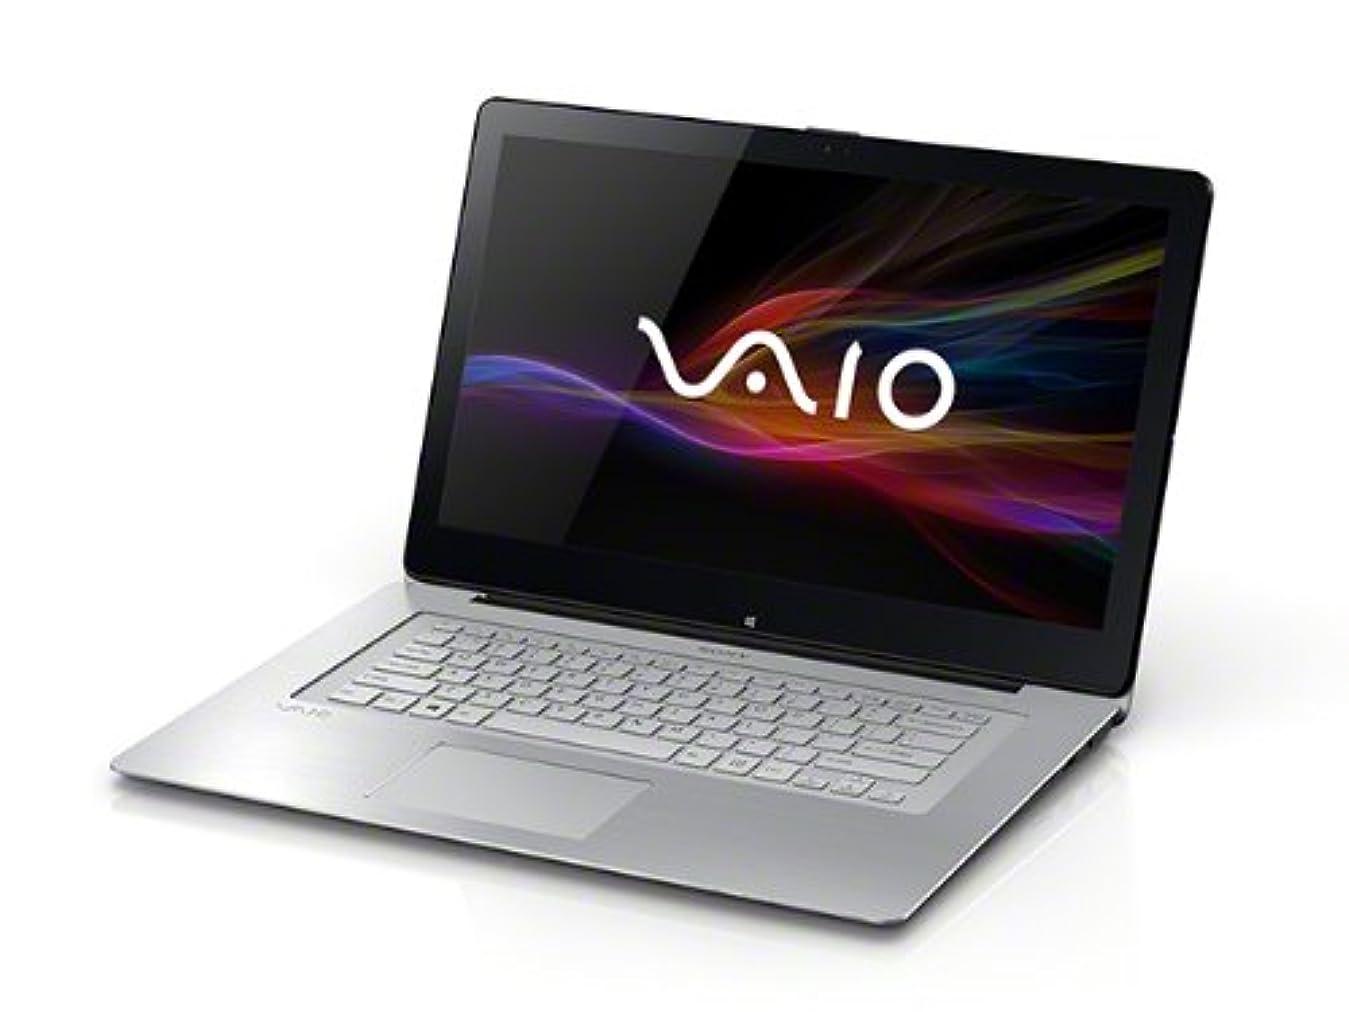 債権者モニカバクテリアソニー(VAIO) VAIO Fit 15A (15.5型タッチ/Win8.1_64/Ci3/4G/1T/Office) シルバー SVF15N27EJS